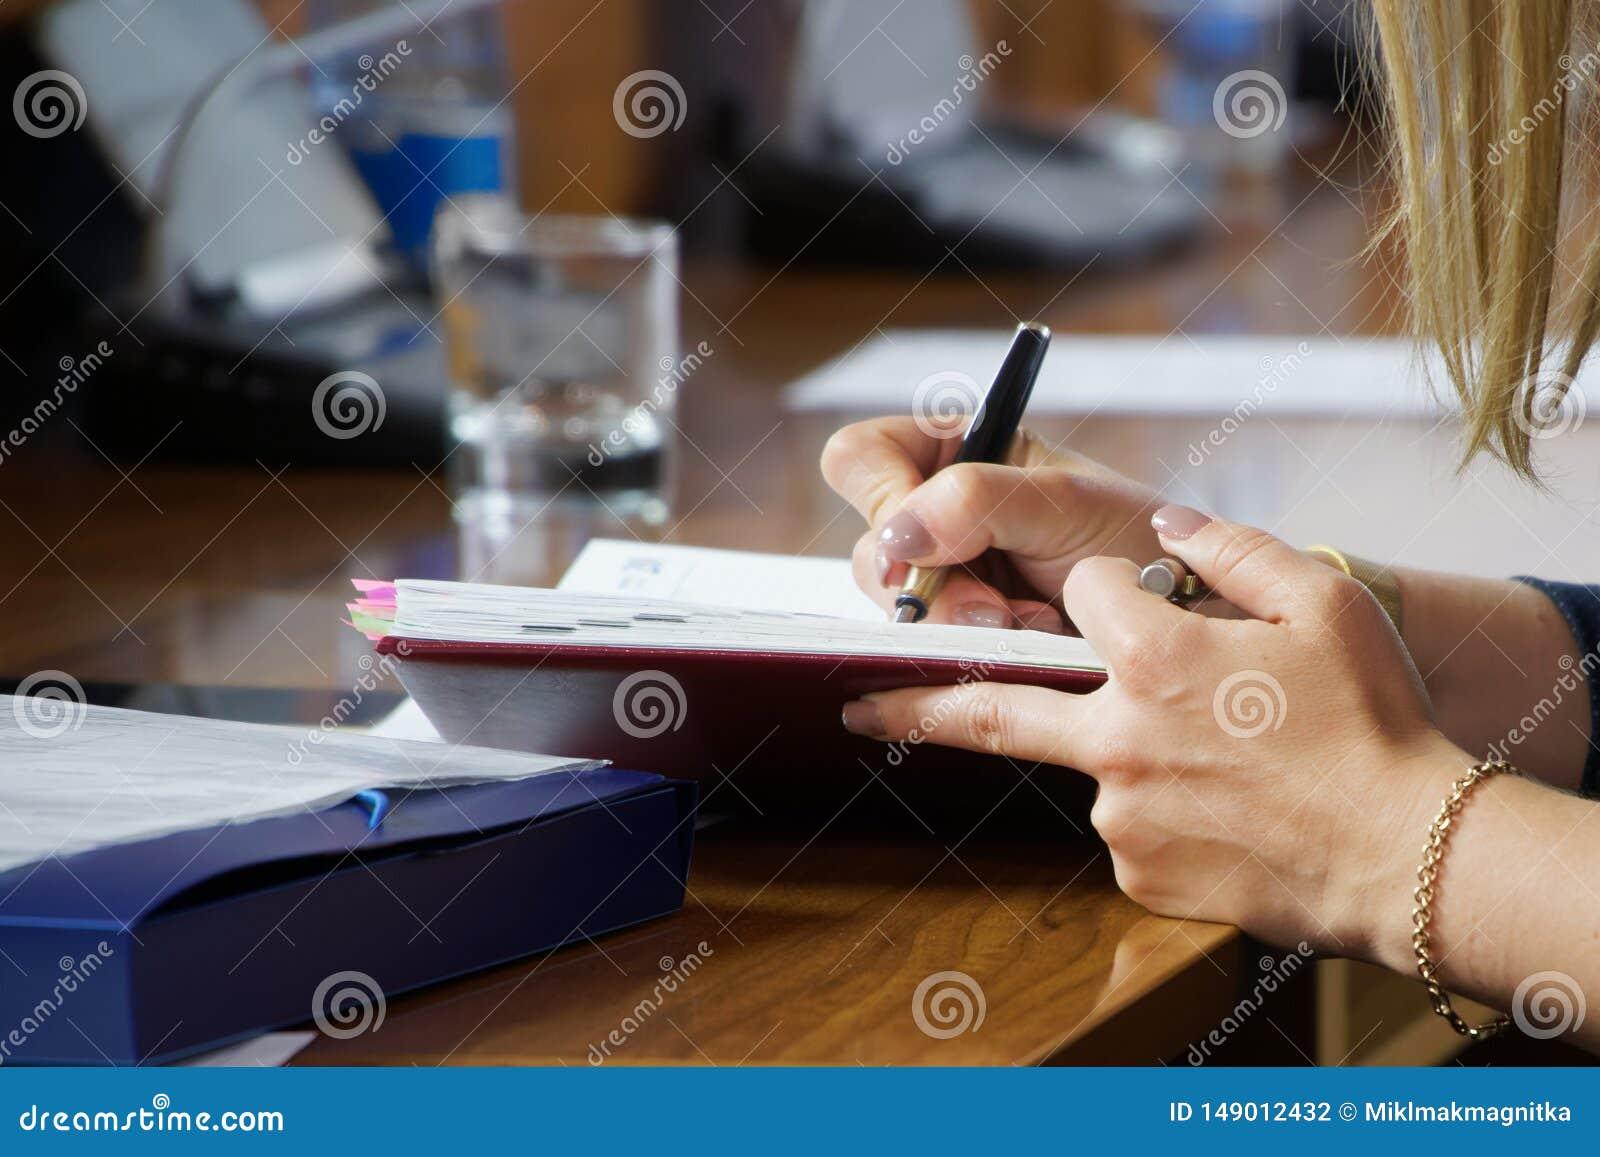 Handen van jonge vrouw het schrijven nota s in een agenda